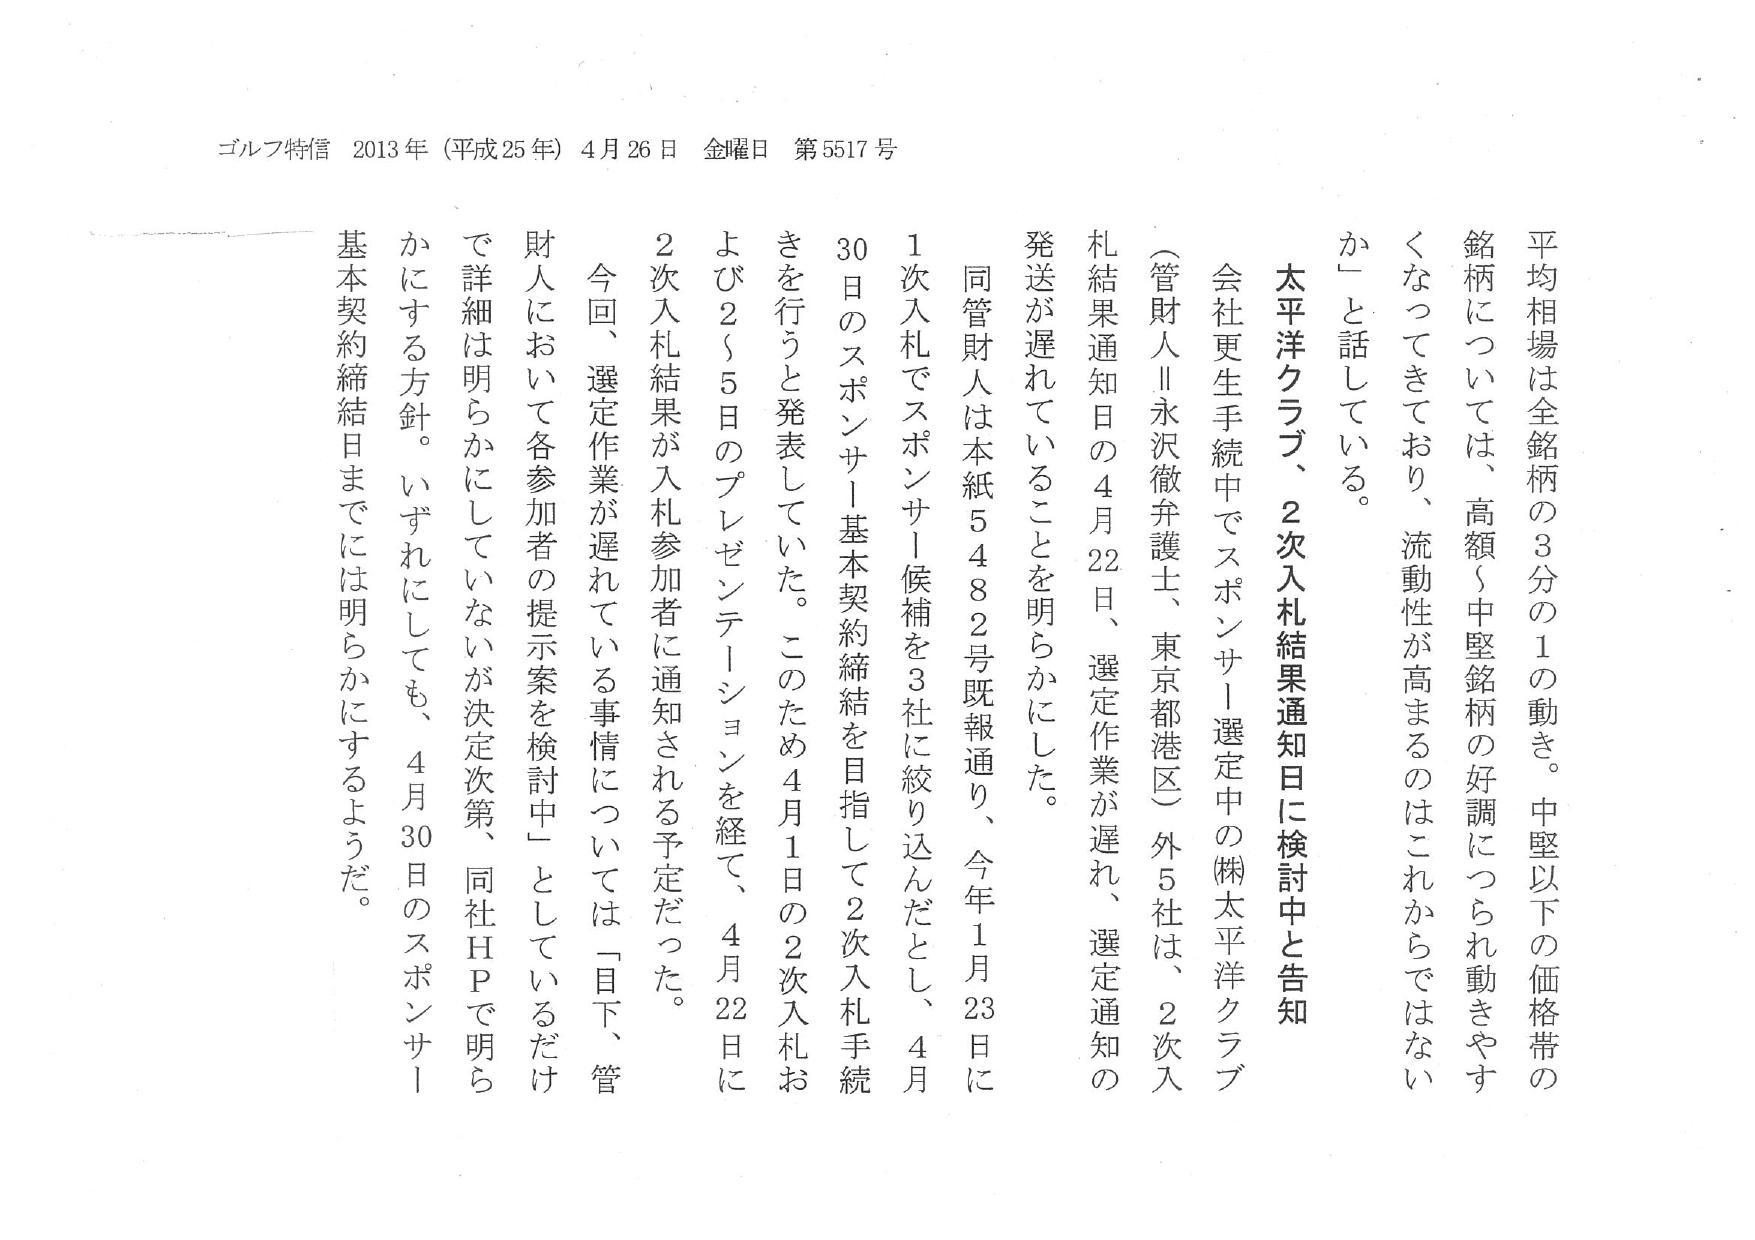 GTokushin_130426-2-2.jpg